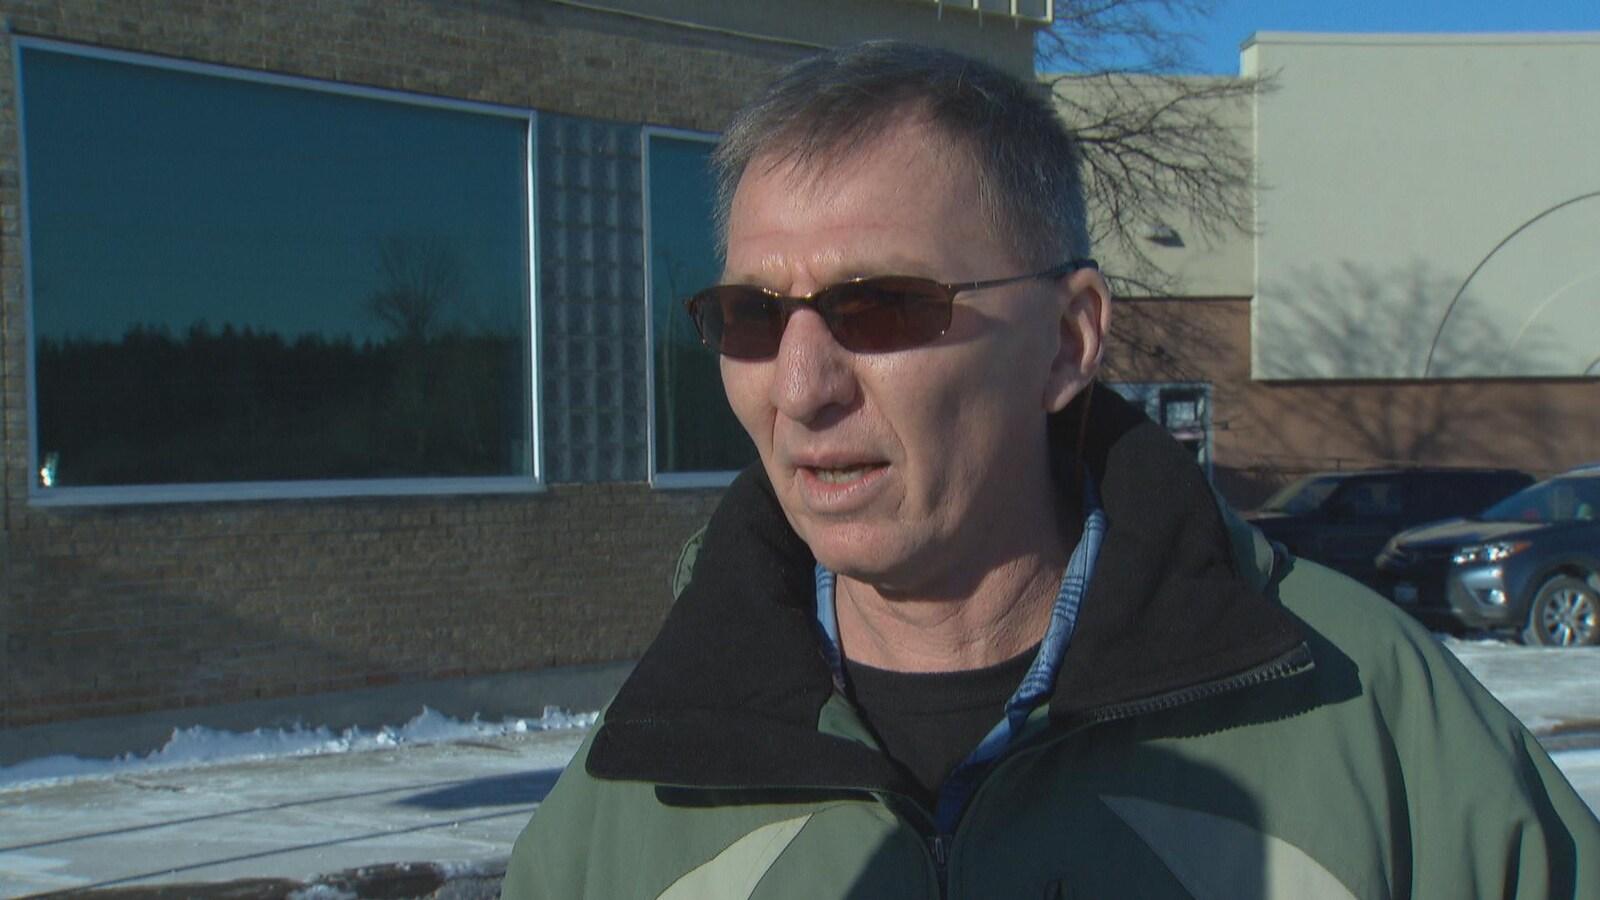 Réal Backaund répond aux questions d'une journaliste, dehors, devant un bâtiment, en hiver.